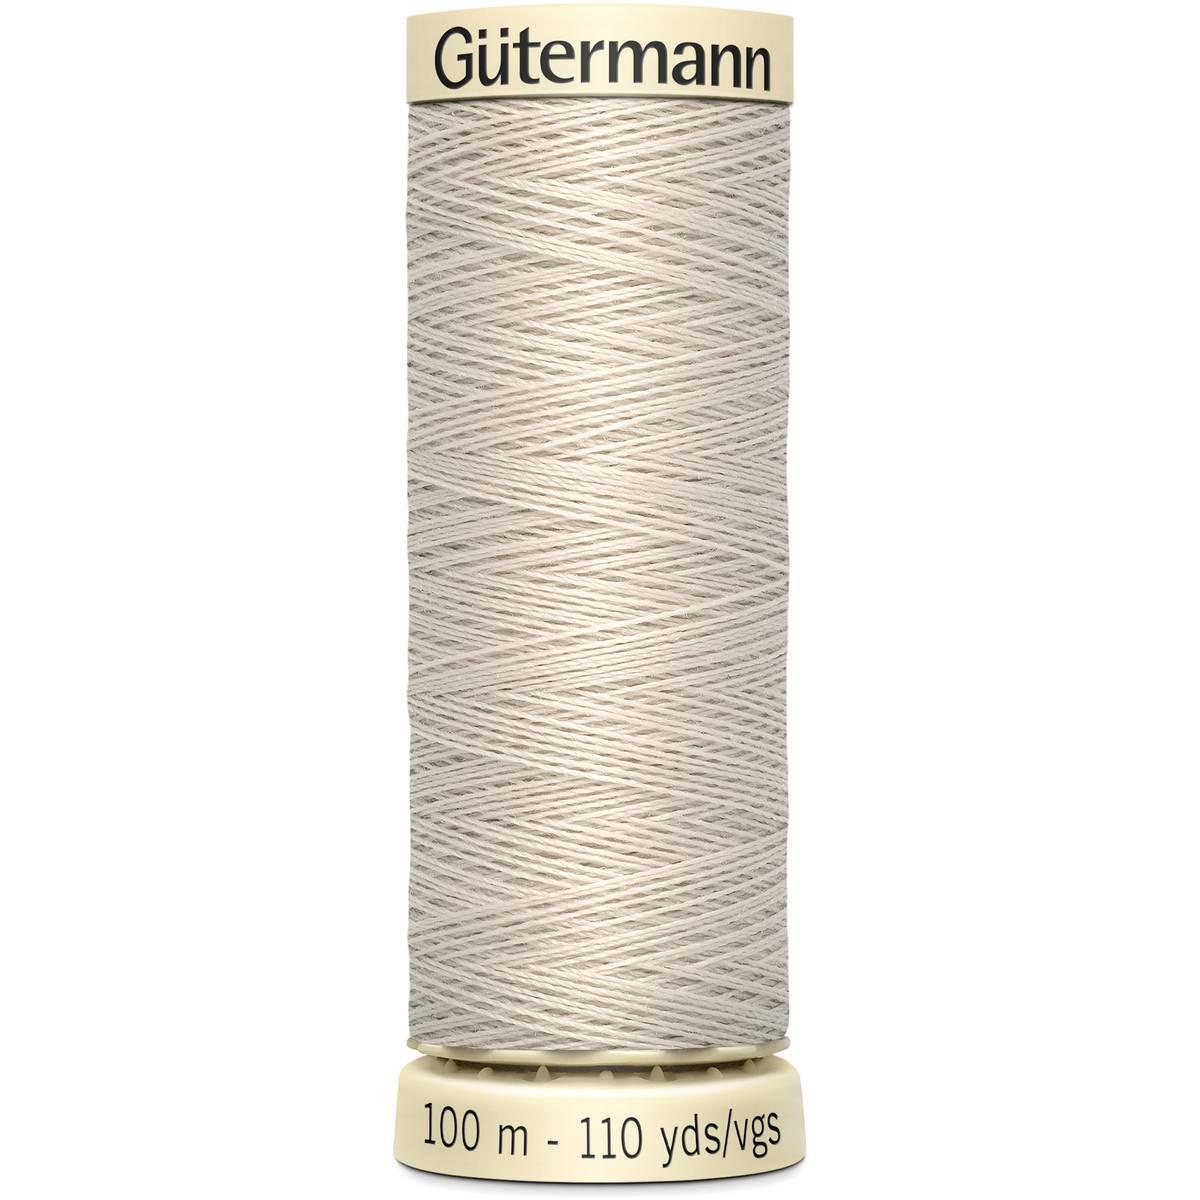 חוט תפירה גוטרמן - White 299